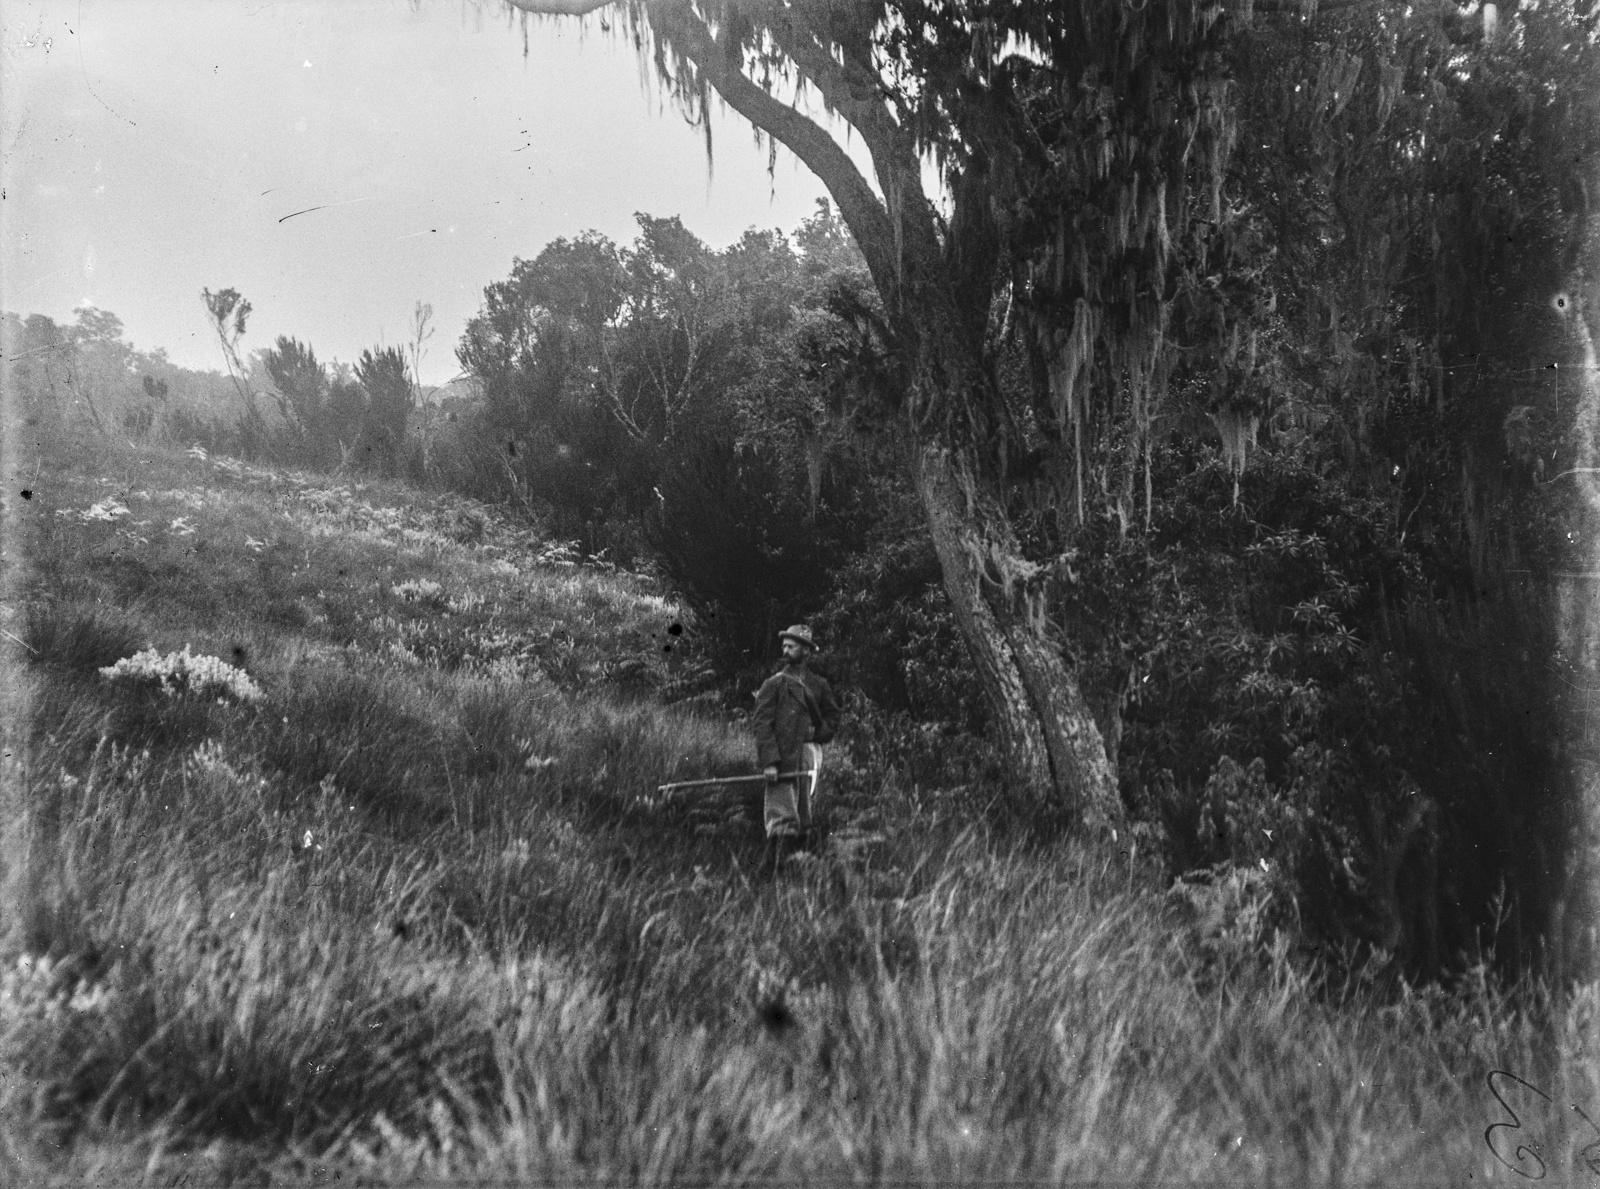 277. Верхняя граница распространения леса в районе Килиманджаро